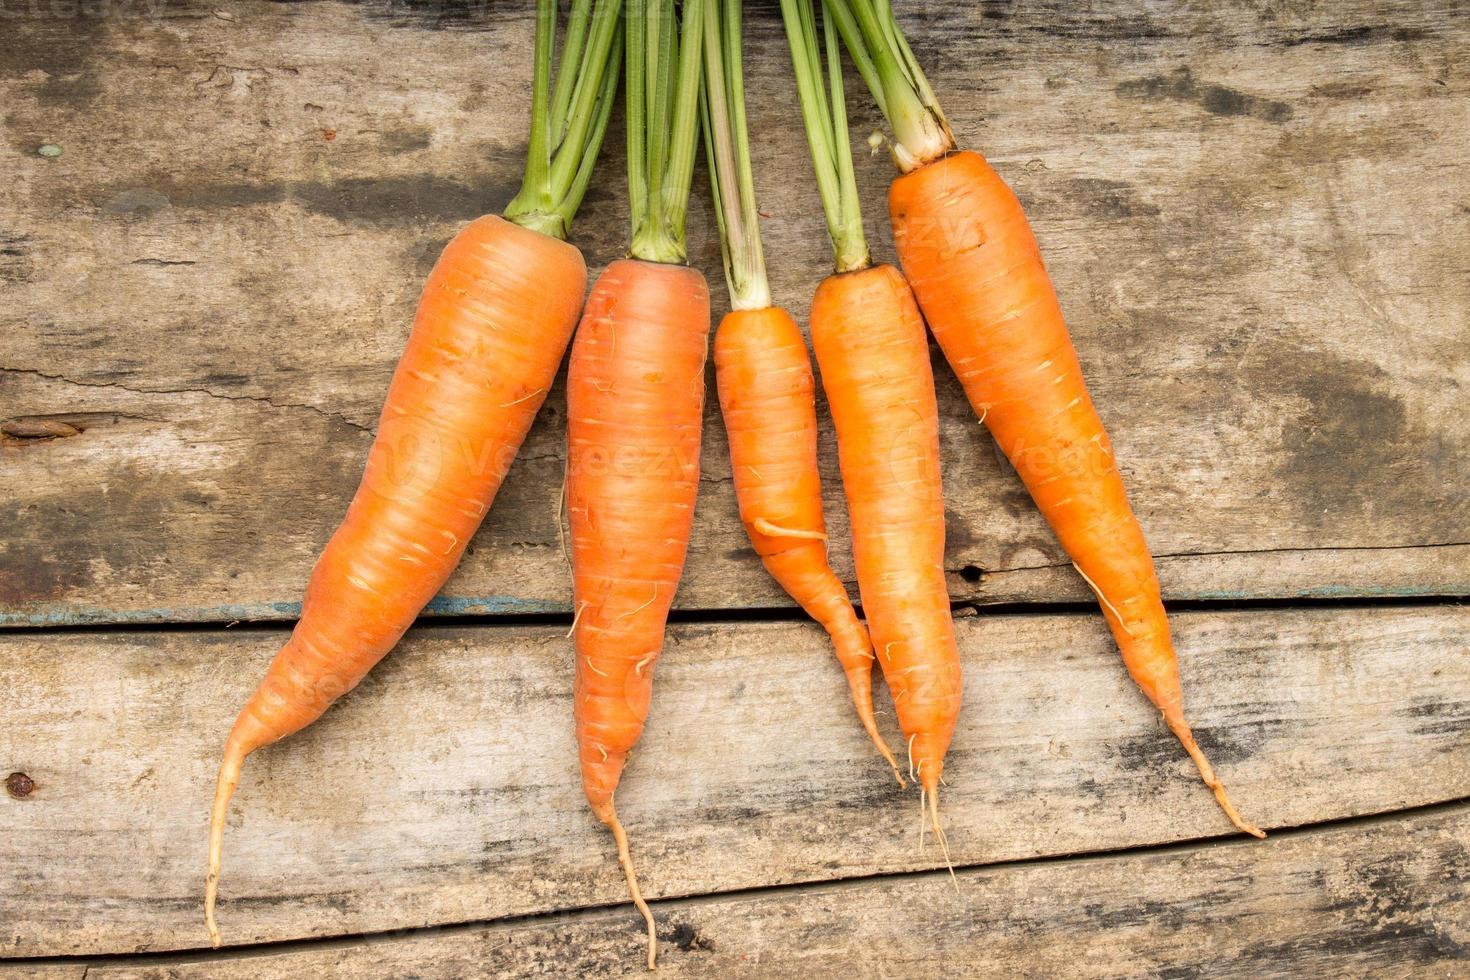 carote mature fresche che si trovano sul fondo di legno foto